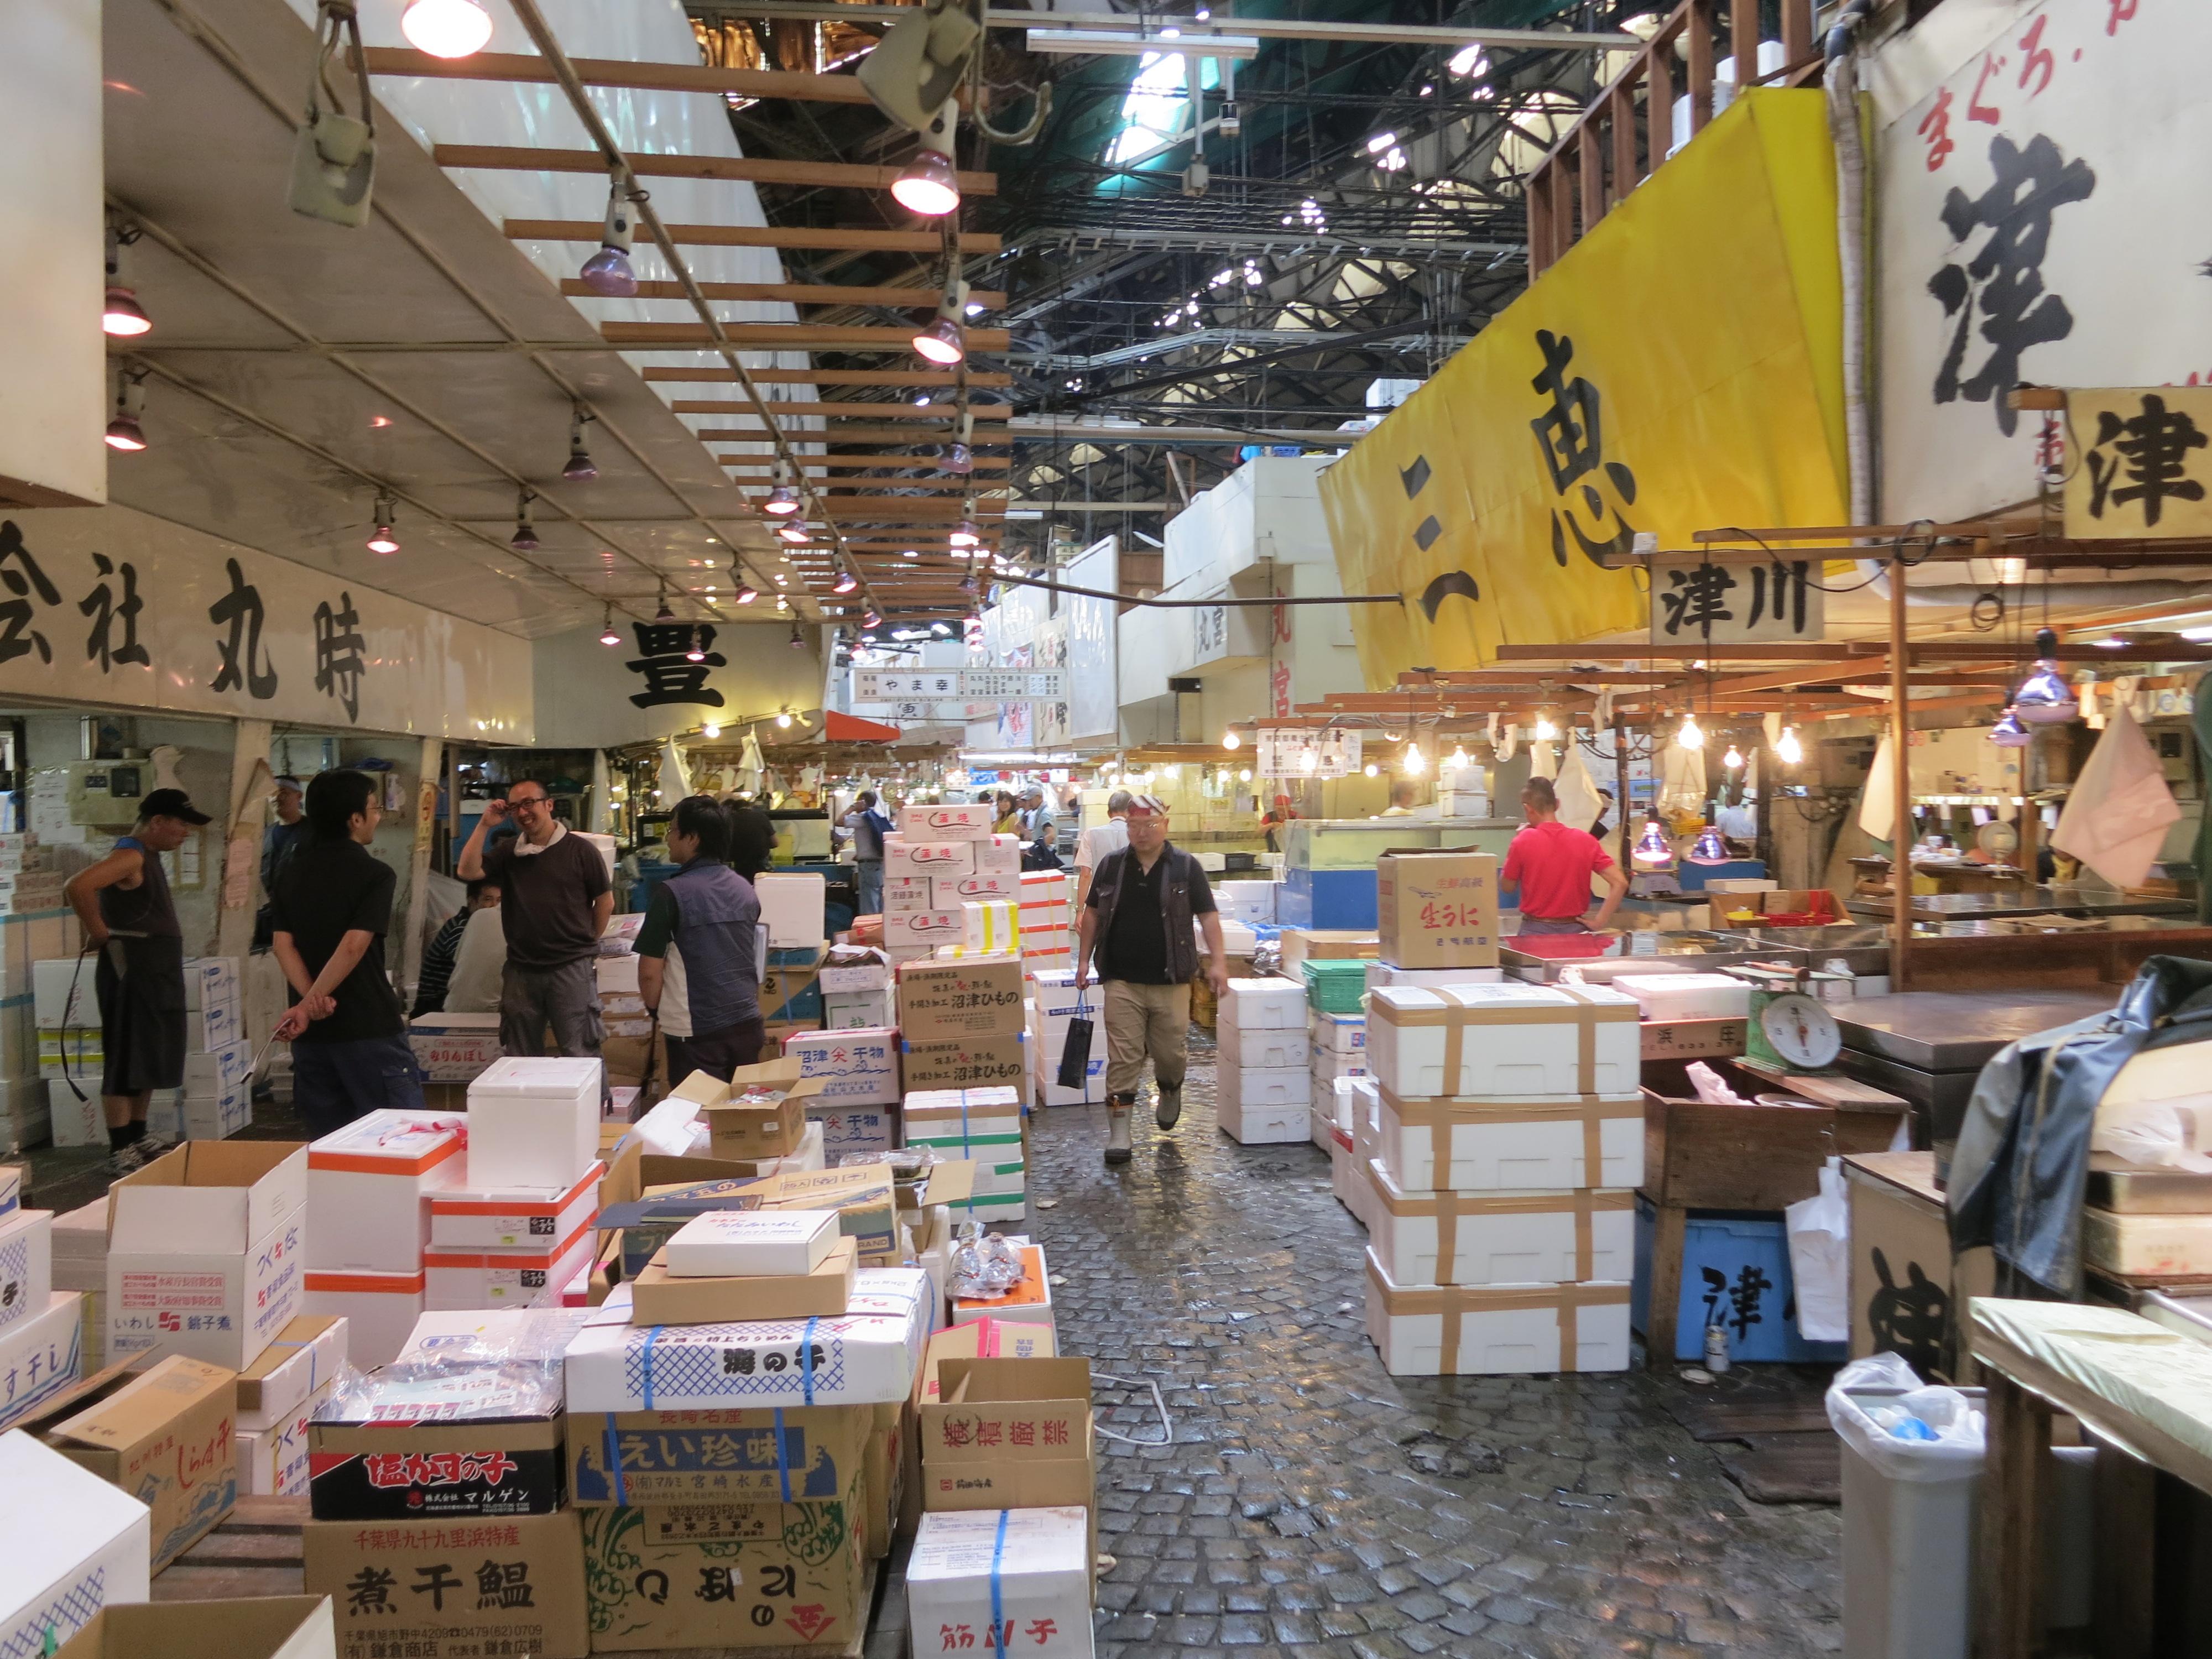 Tsukiji fish market 25 seafood market temporarily lost for Tsukiji fish market